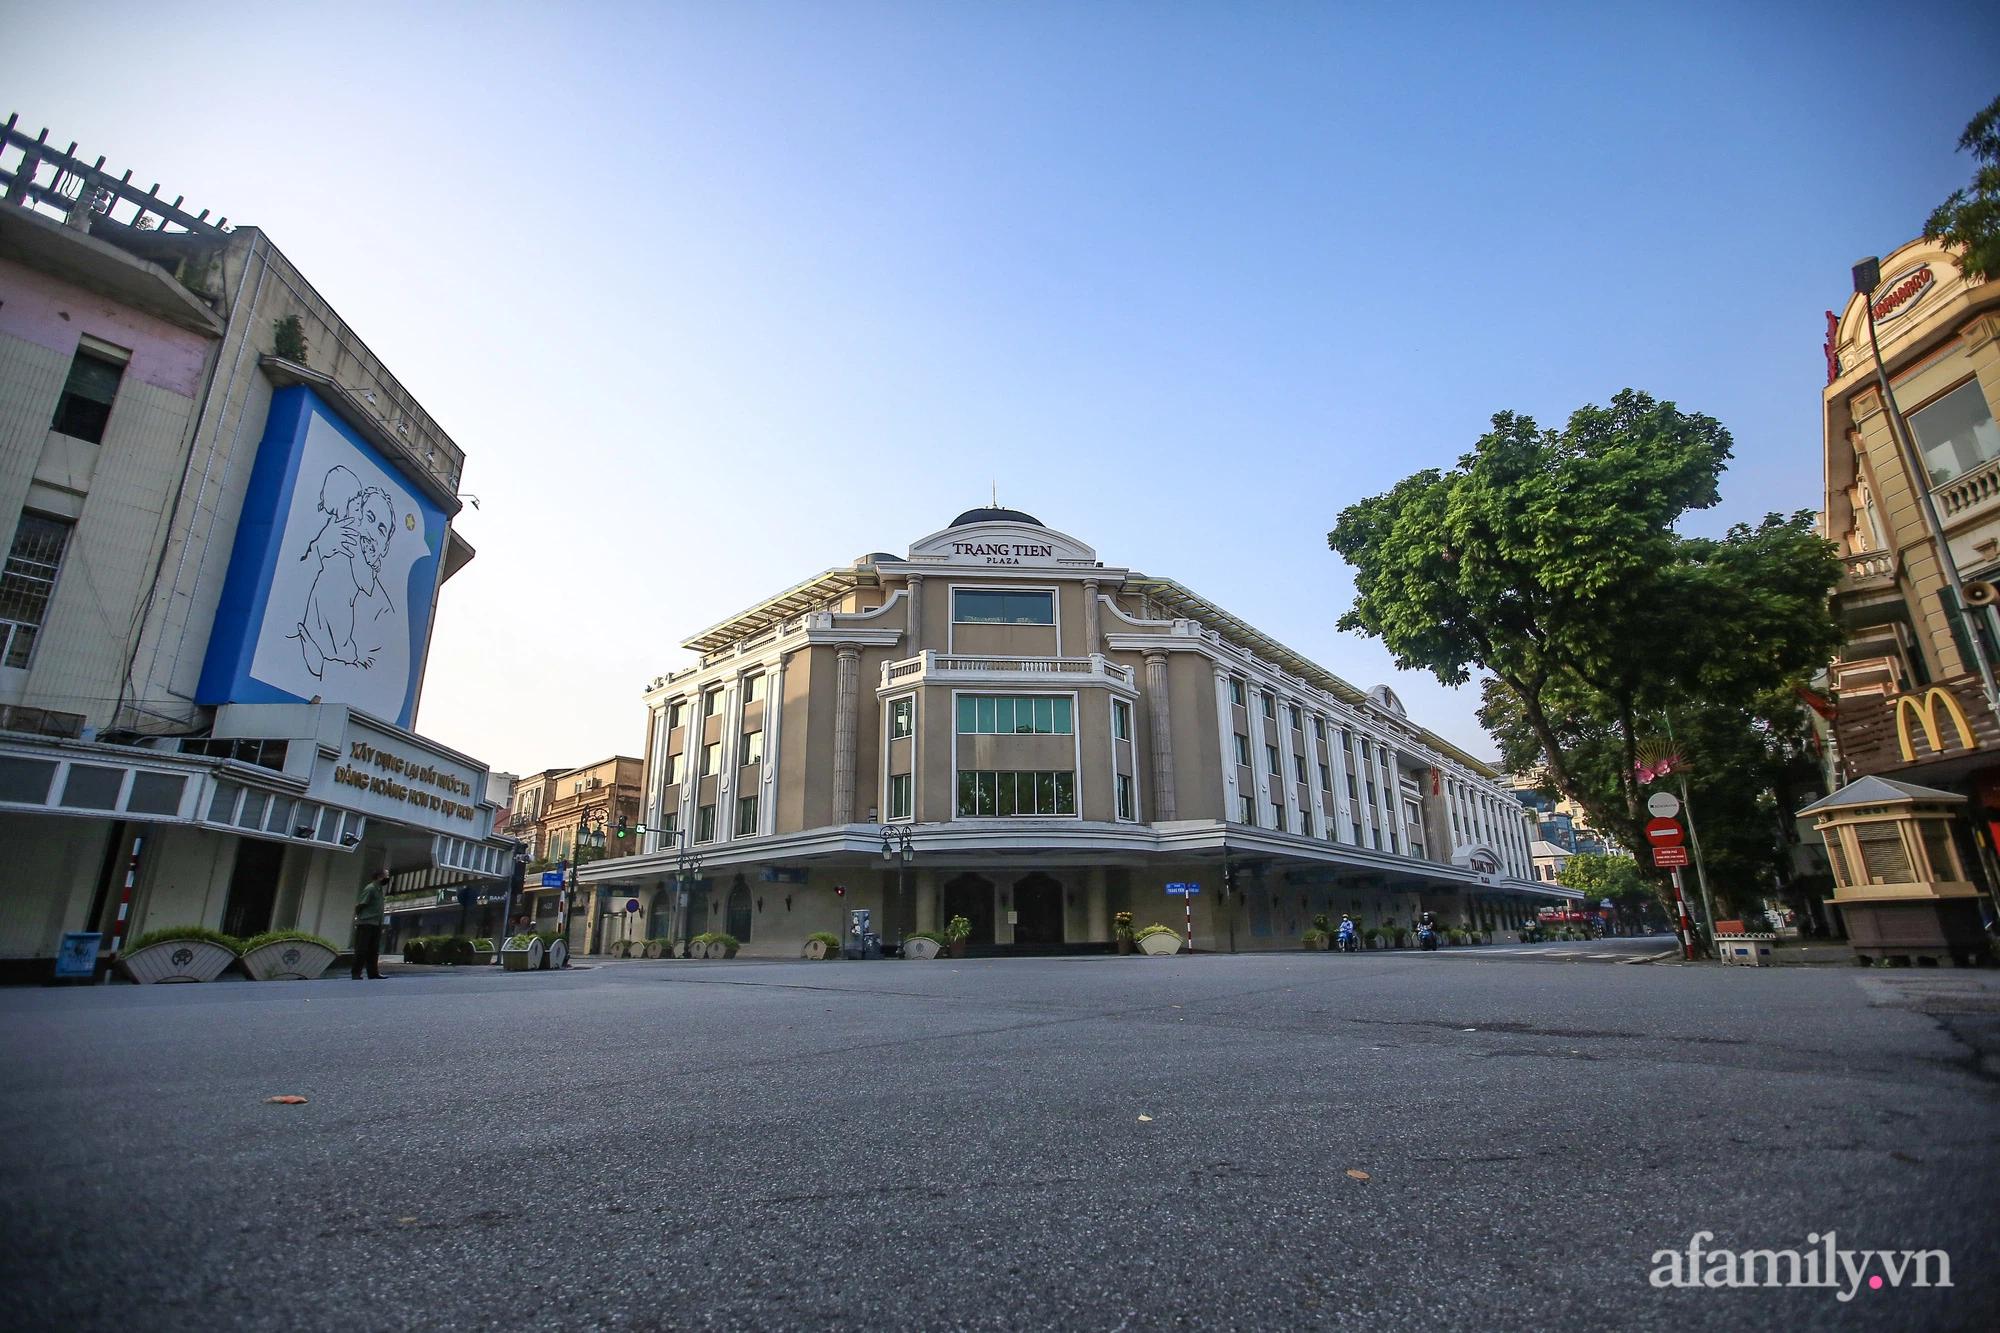 Buổi sáng đầu tiên cách ly toàn xã hội, đường phố Hà Nội vắng vẻ, người dân chỉ tập trung đông tại một số khu chợ để mua đồ ăn uống, sinh hoạt cho những ngày sắp tới - Ảnh 2.